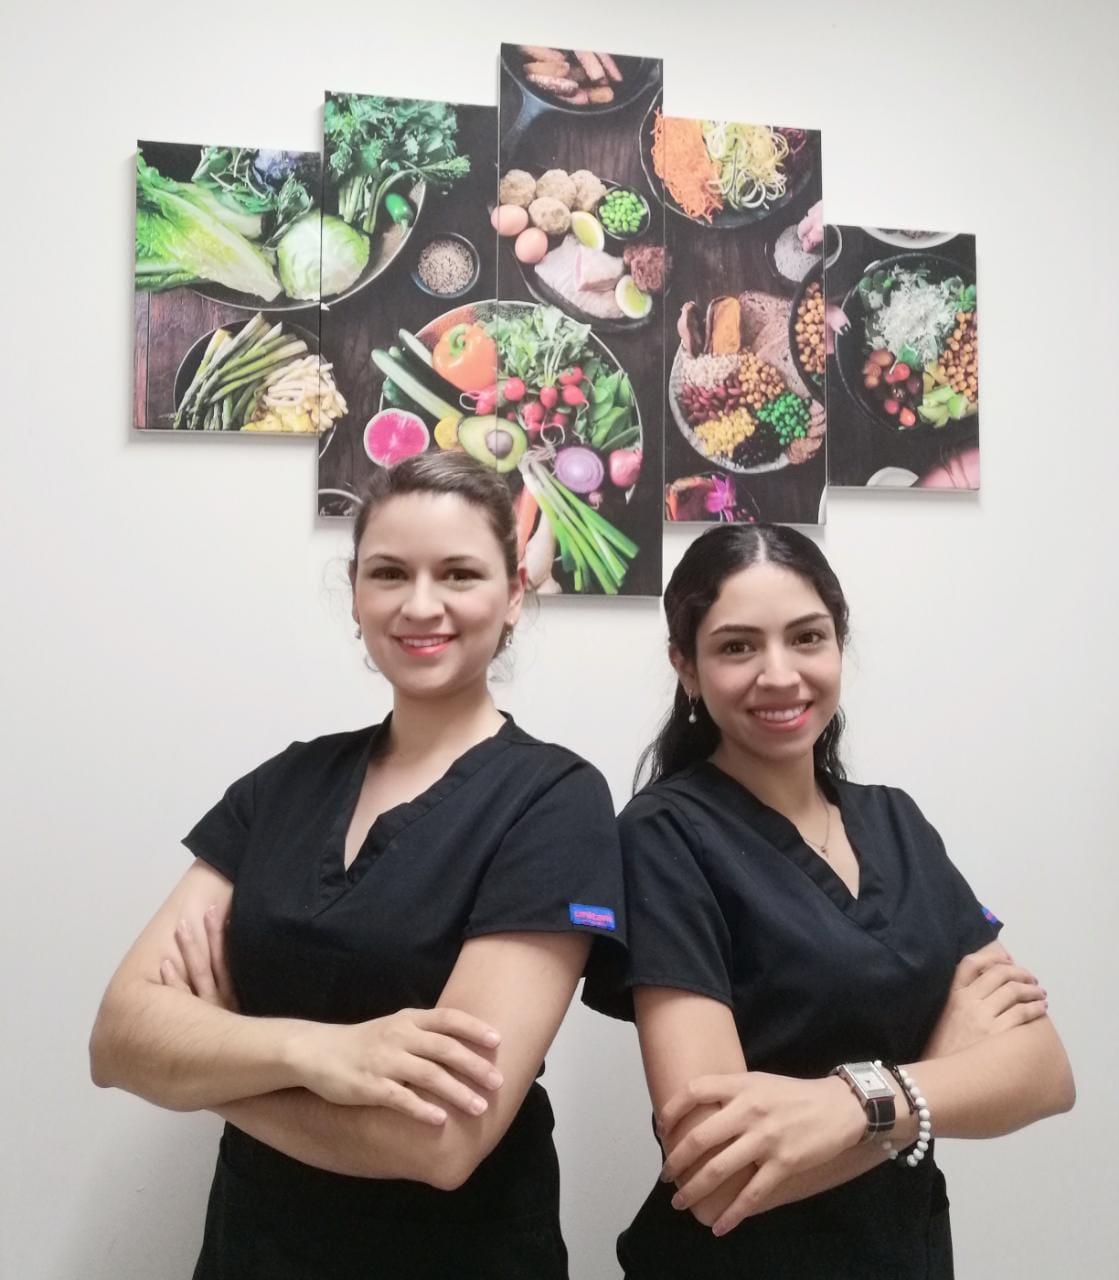 clinica de nutricion Dra diet san nicolas